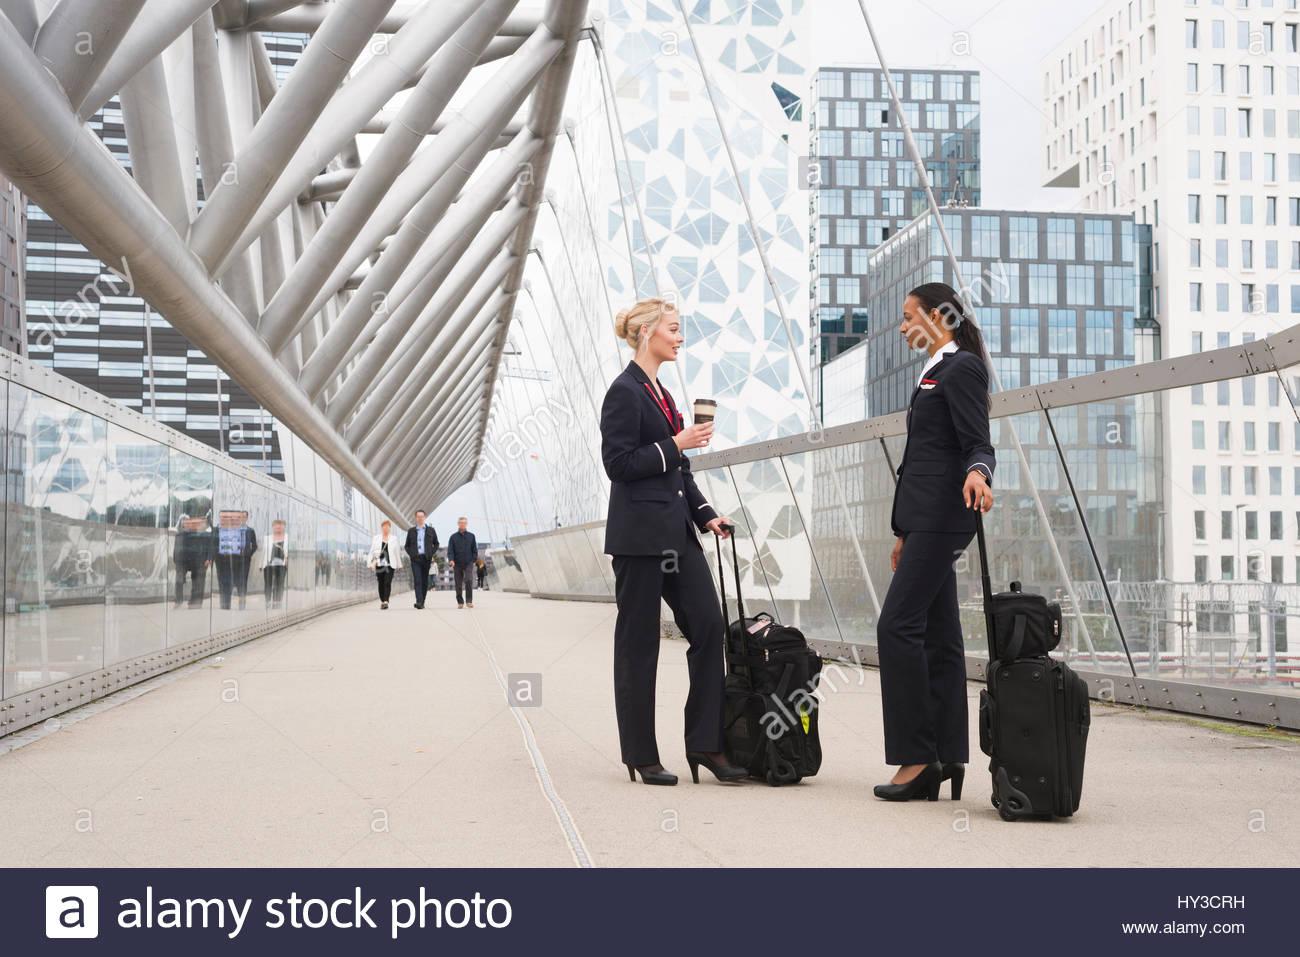 Norwegen, Oslo, Stewardessen stehend mit Koffer Stockbild